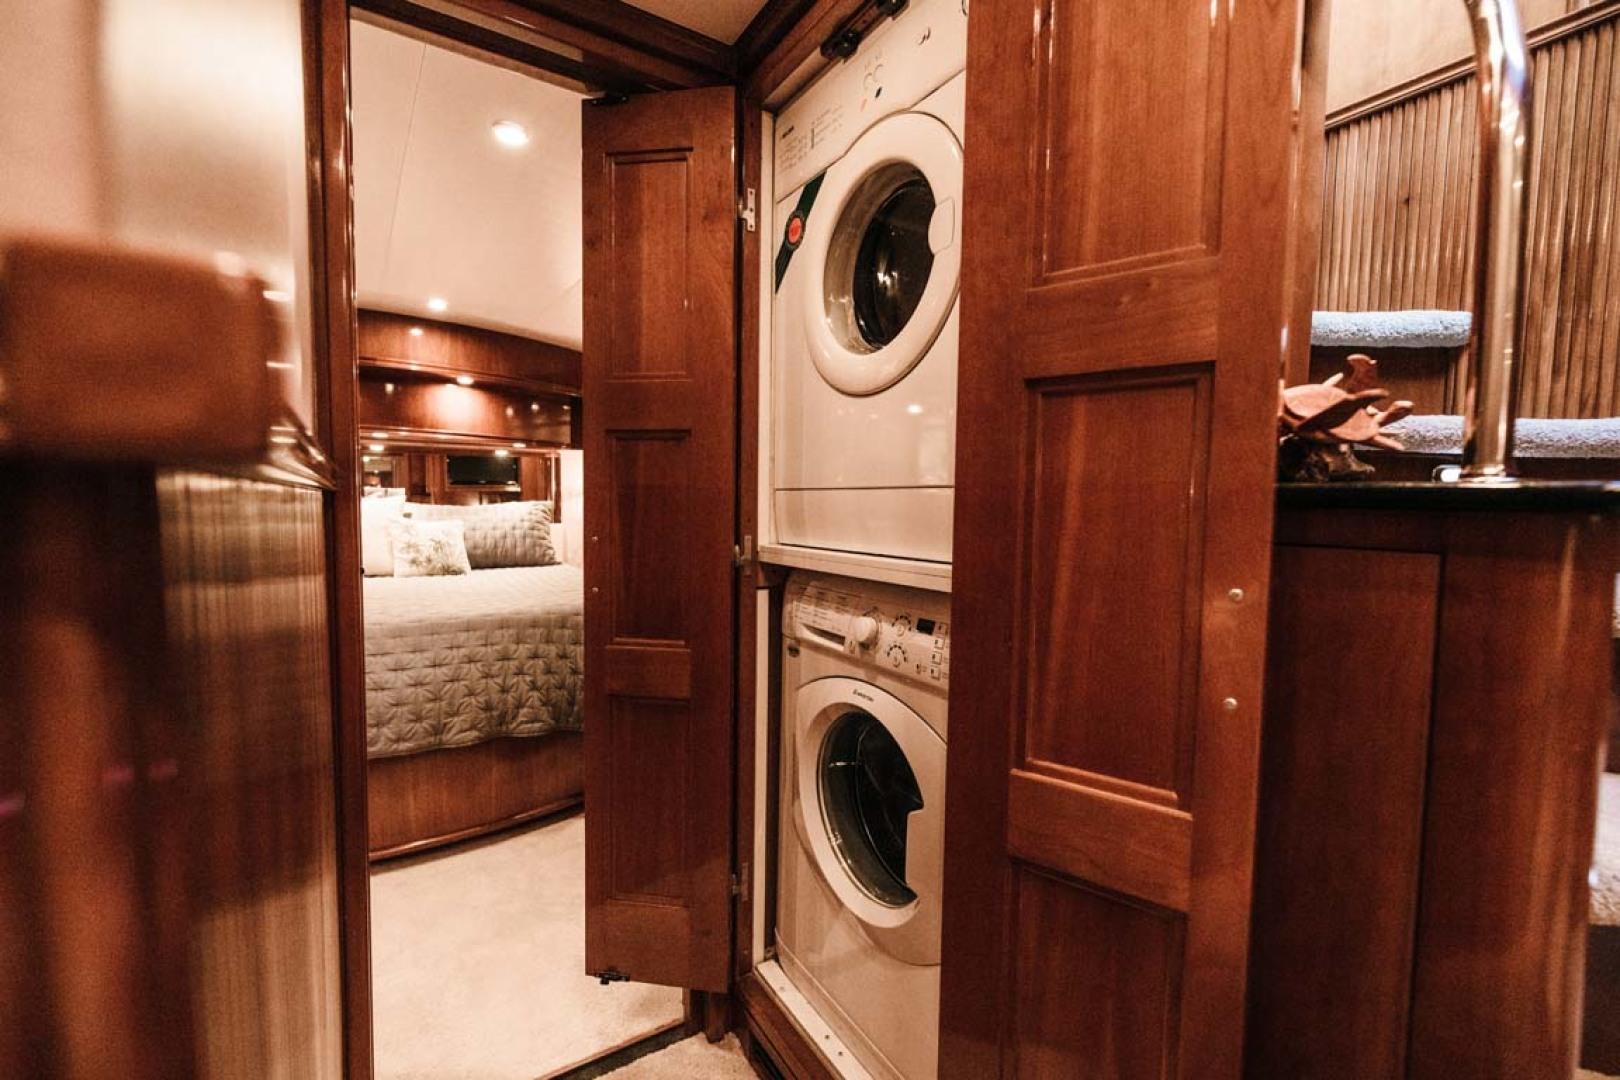 Marquis-Flybridge Motor Yacht 2004-Sandy Island Palm Coast-Florida-United States-Washer Dryer-1247883 | Thumbnail